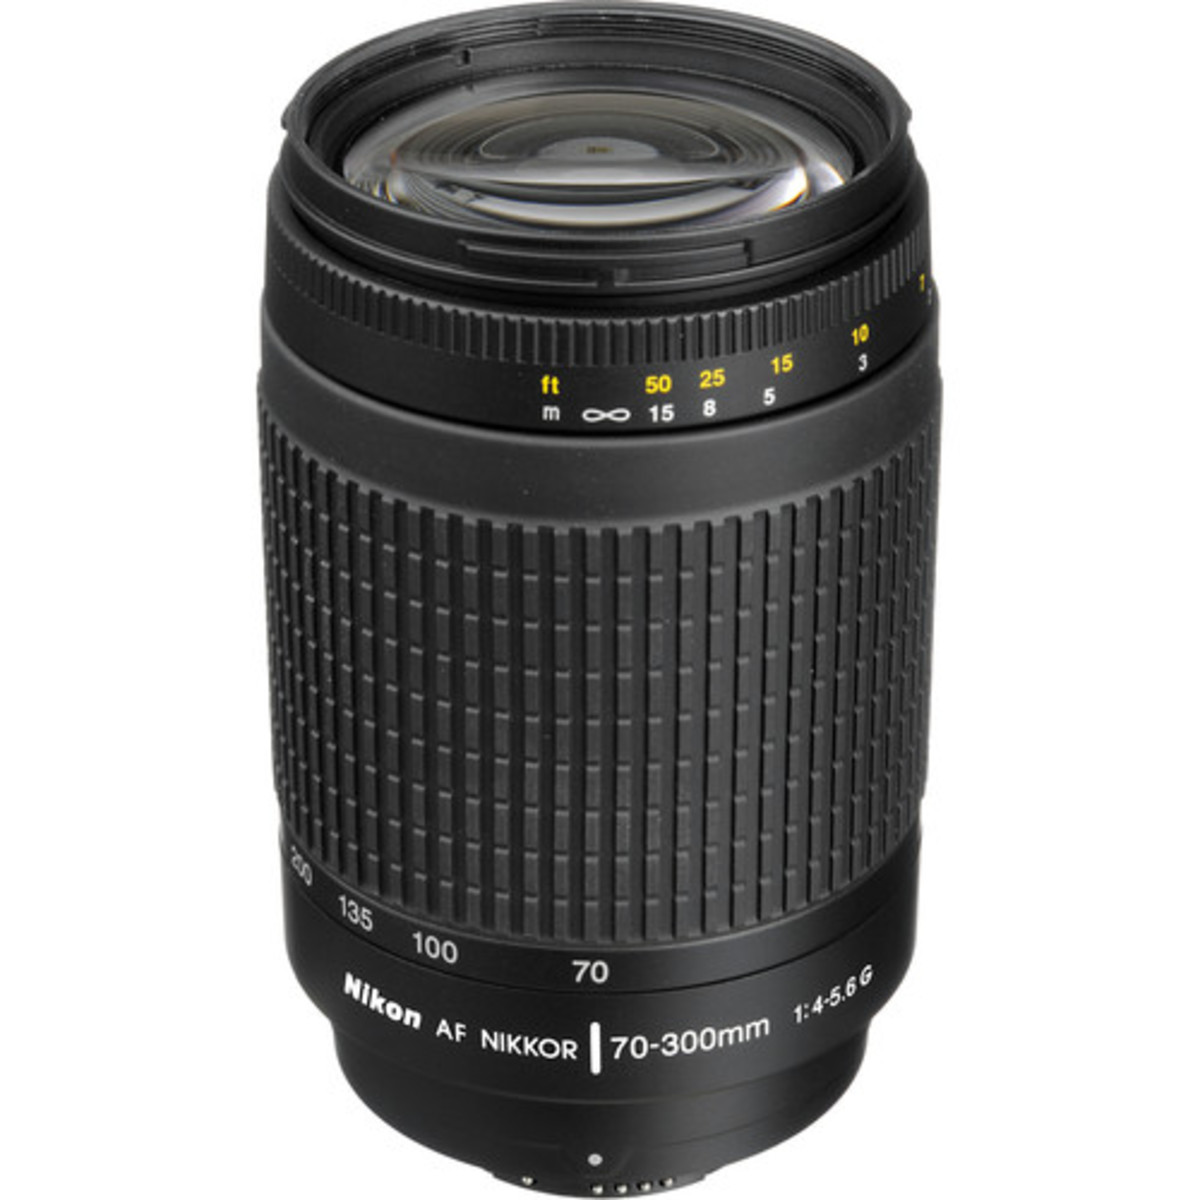 AF Zoom-NIKKOR 70-300mm f/4-5.6G Lens (Parallel imported)